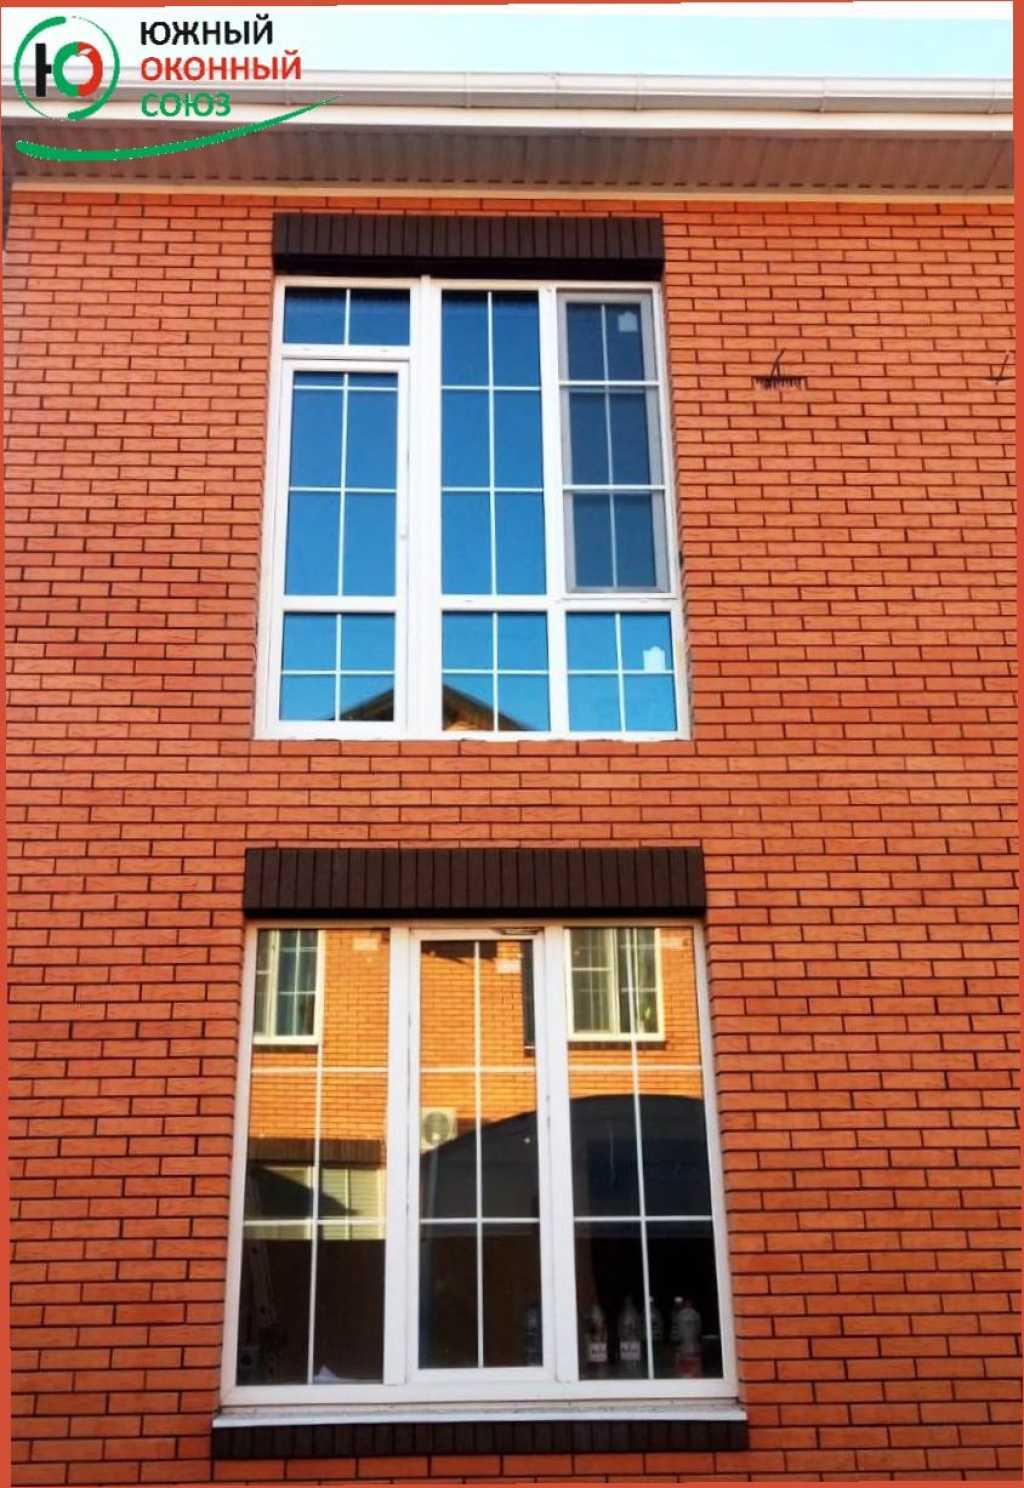 Изготовление, установка алюминиевых и ПВХ дверей, окон. в Краснодару. Фото 3